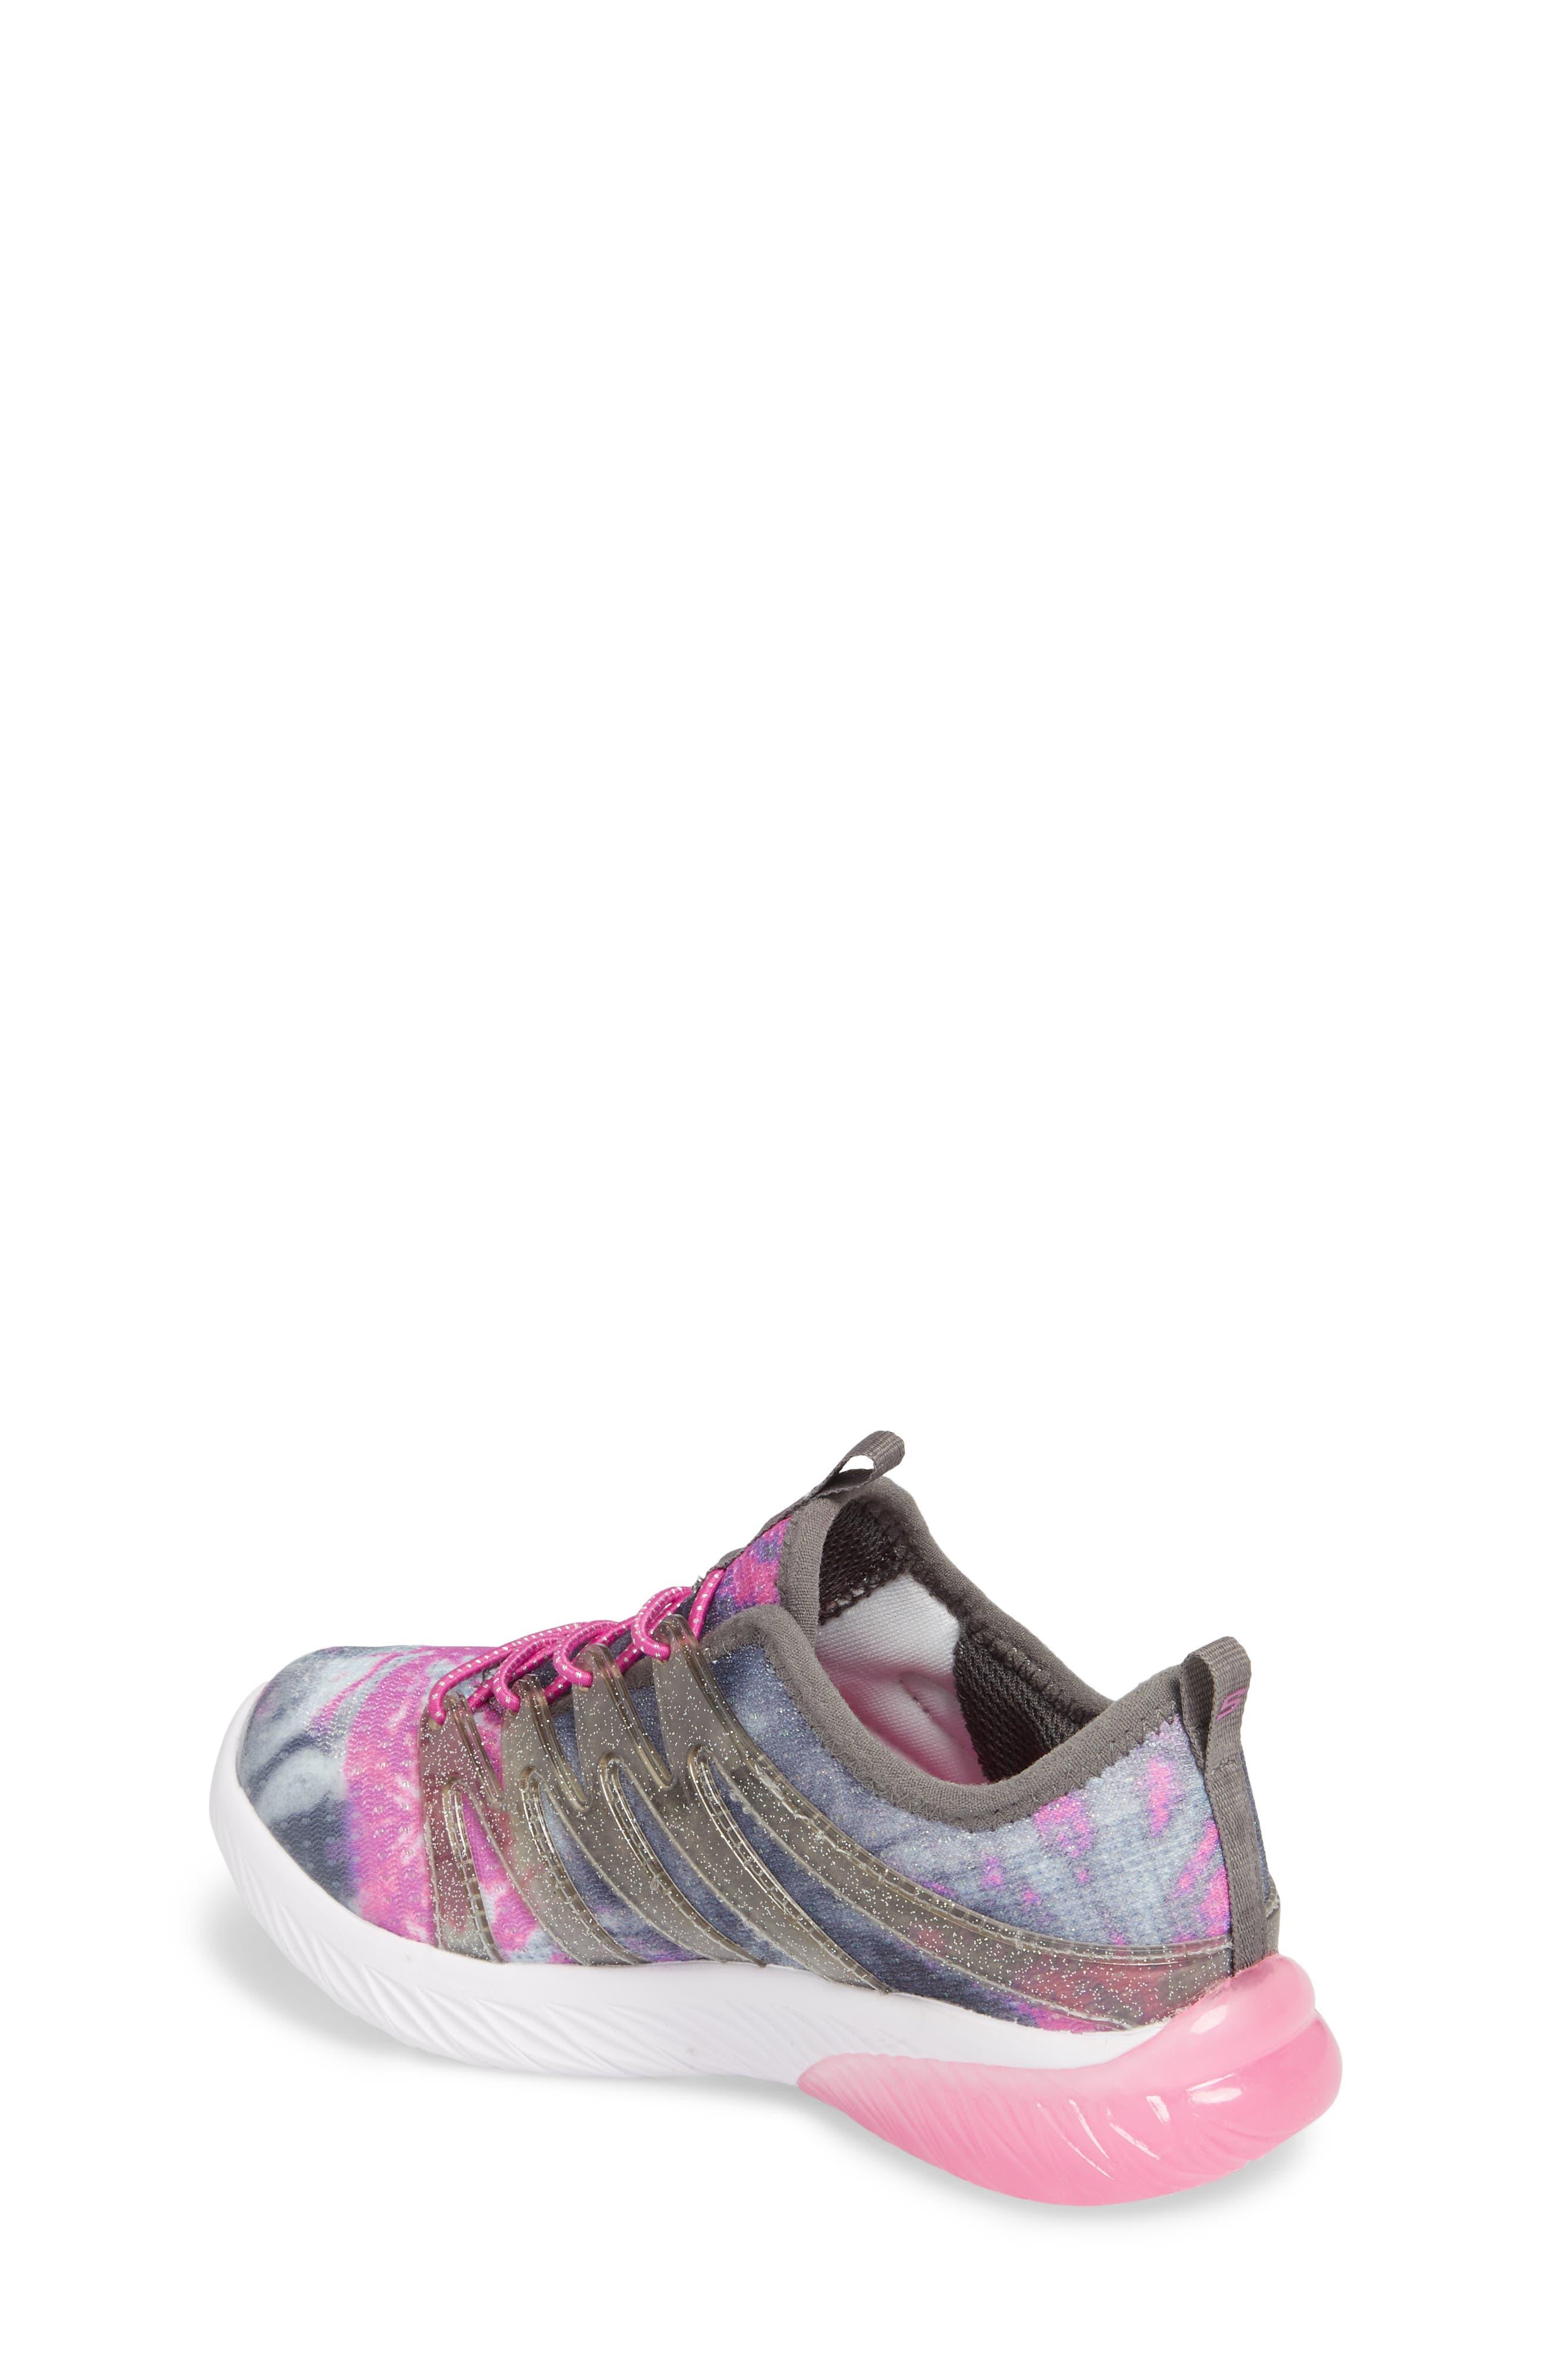 Skech Gem Glitter Sneaker,                             Alternate thumbnail 2, color,                             650